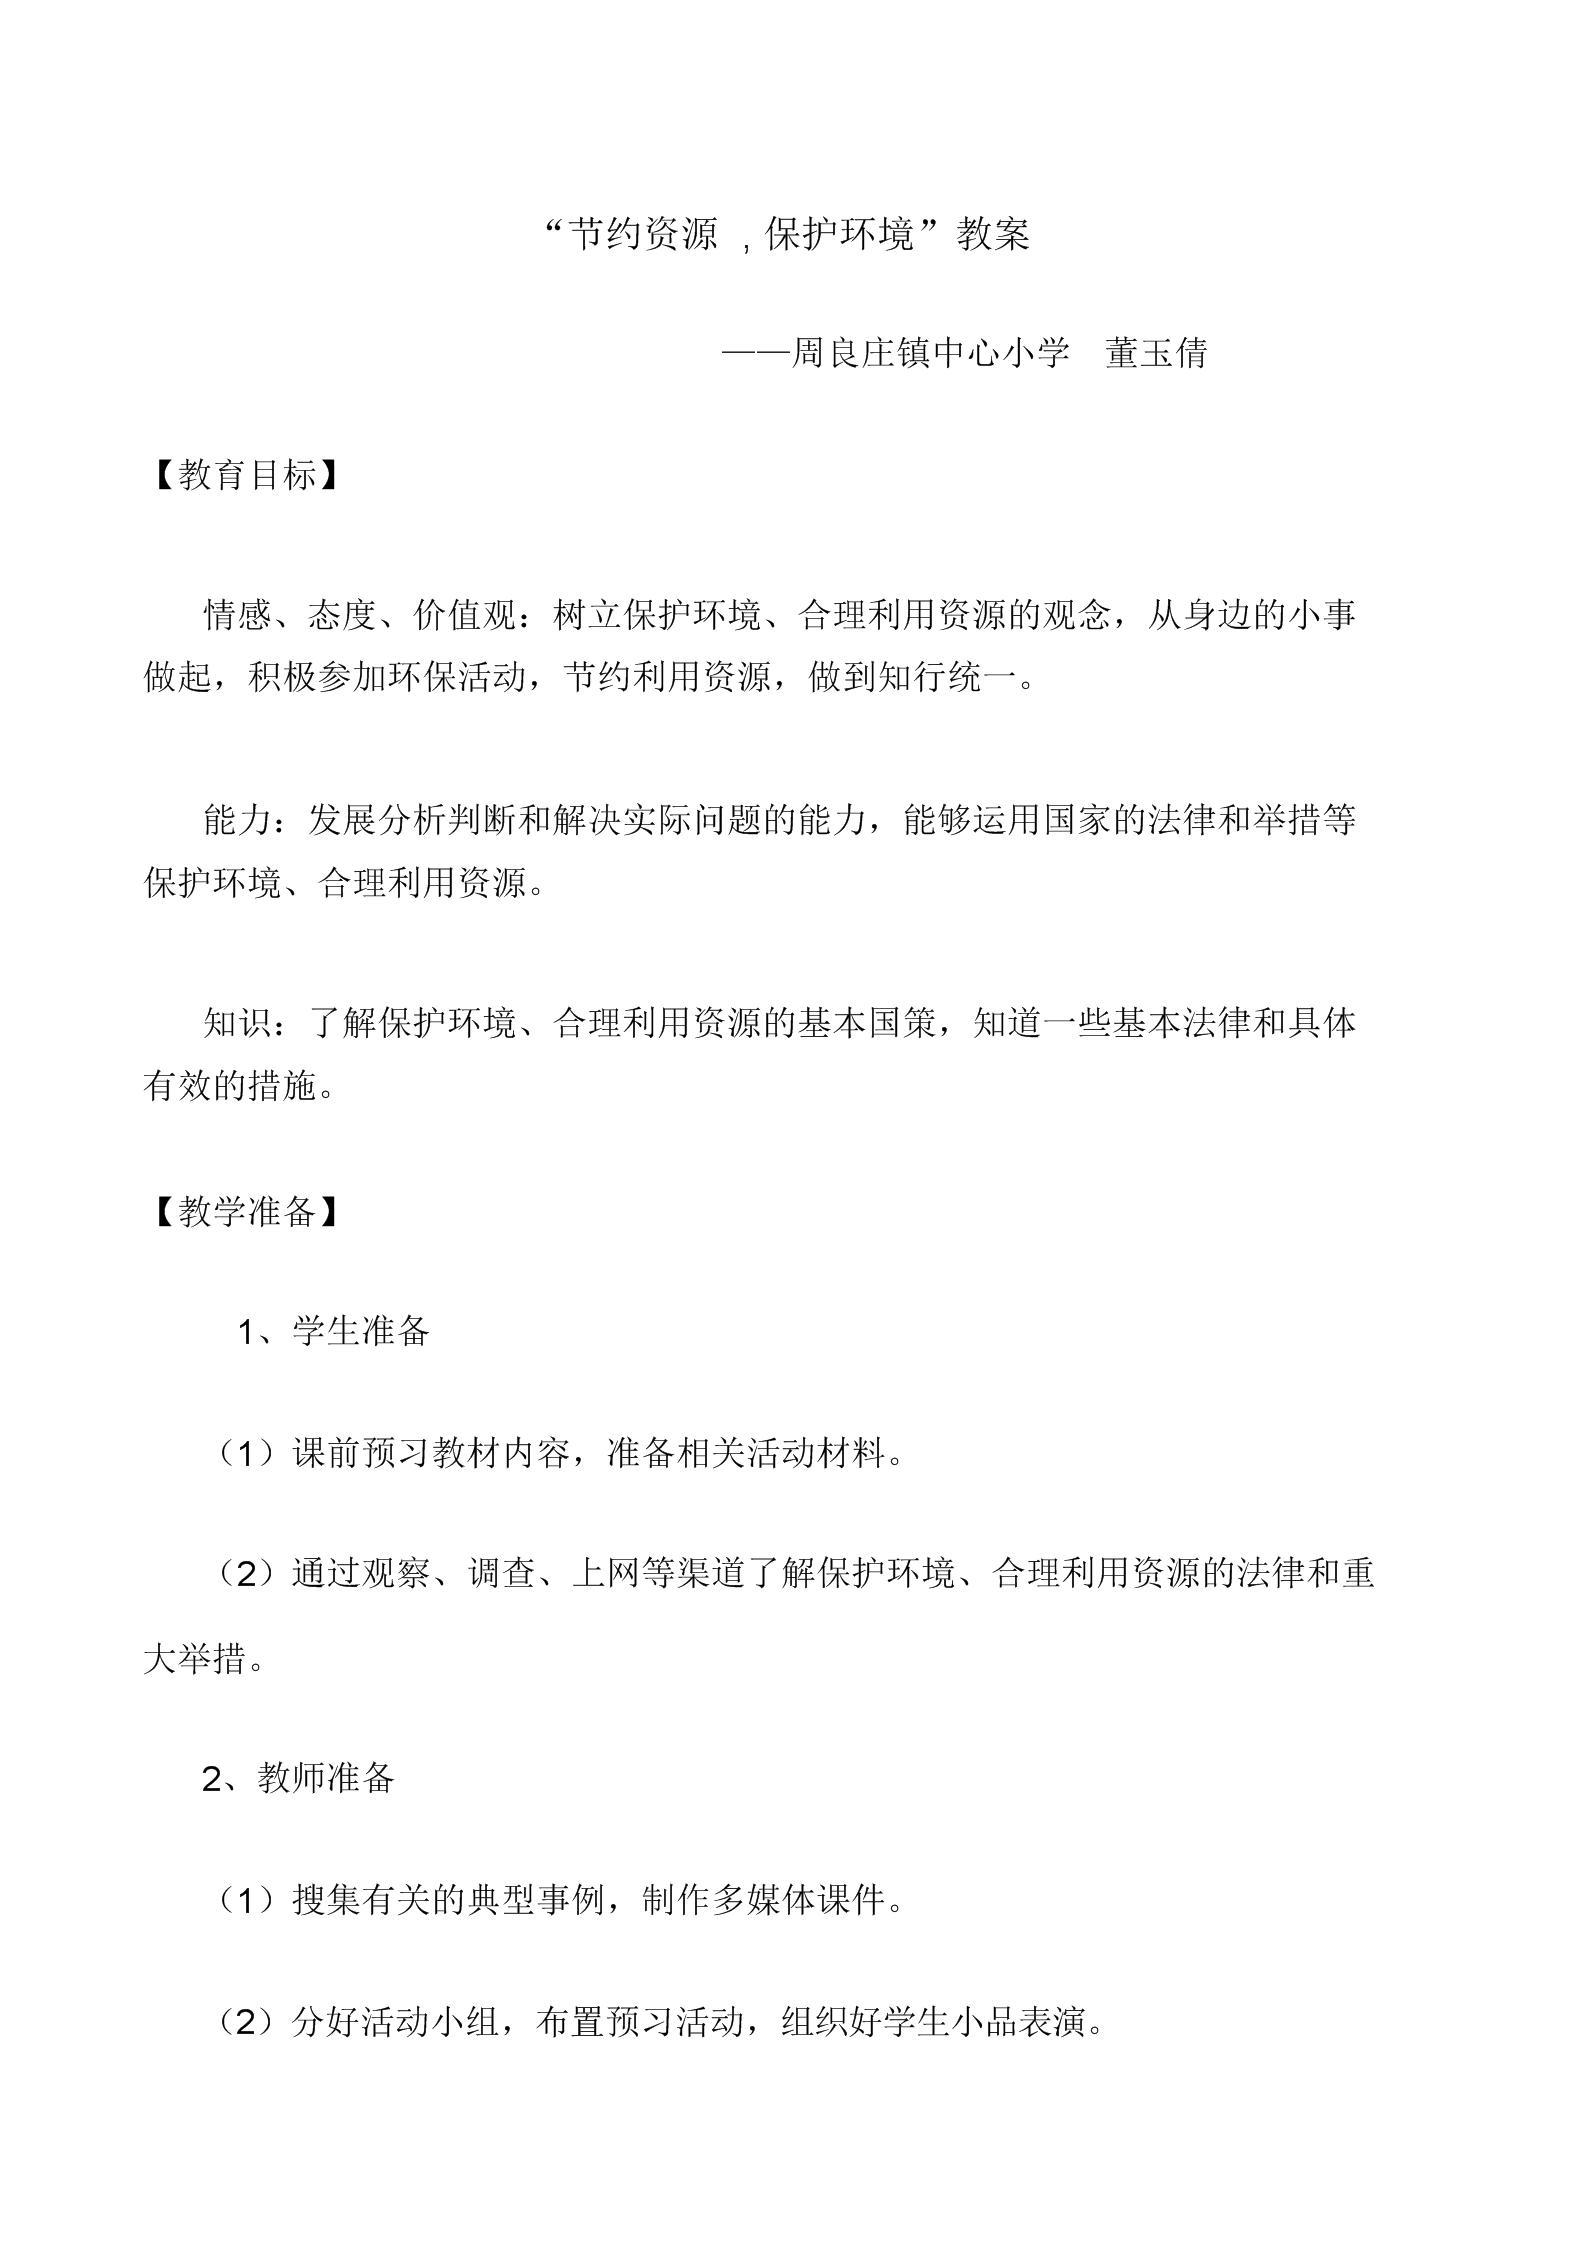 节约资源保护环境学习教案.docx